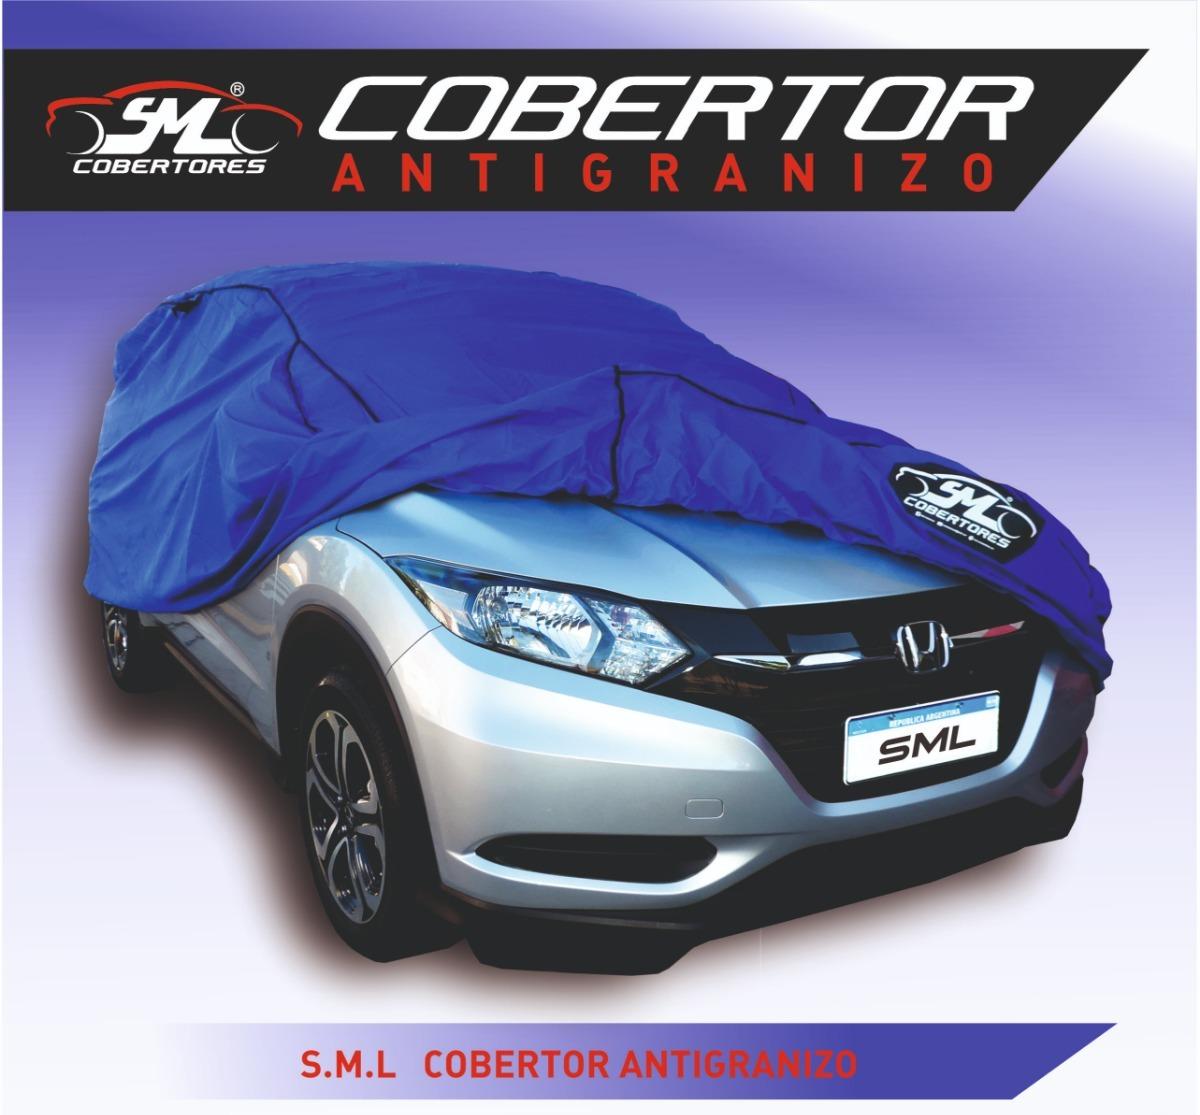 Cobertor Funda P/coche Anti-granizo Premium Refor. T-xl4x4 ...